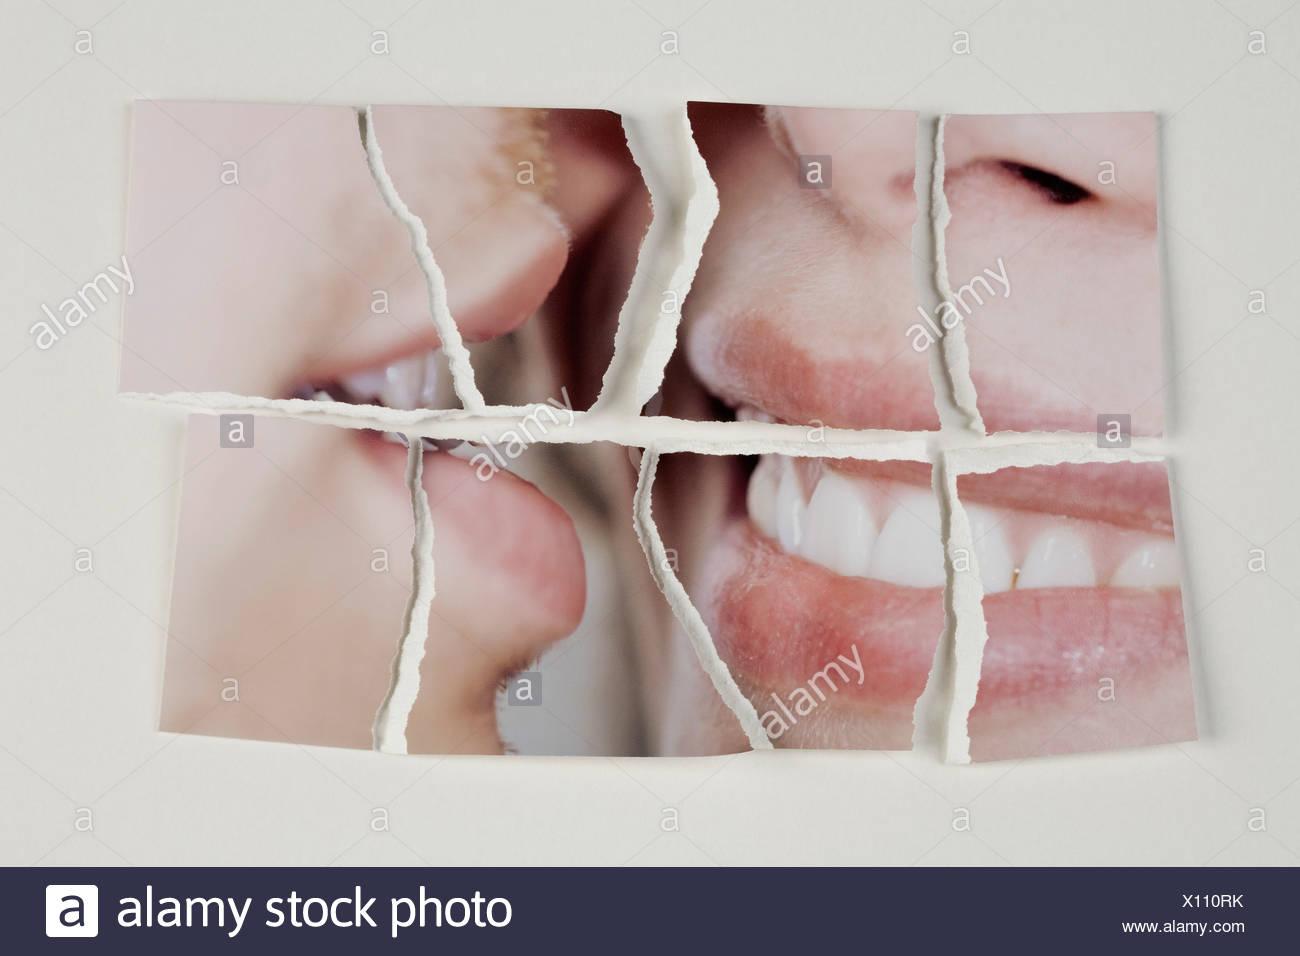 Une photographie d'un couple hétérosexuel cassées en morceaux Photo Stock